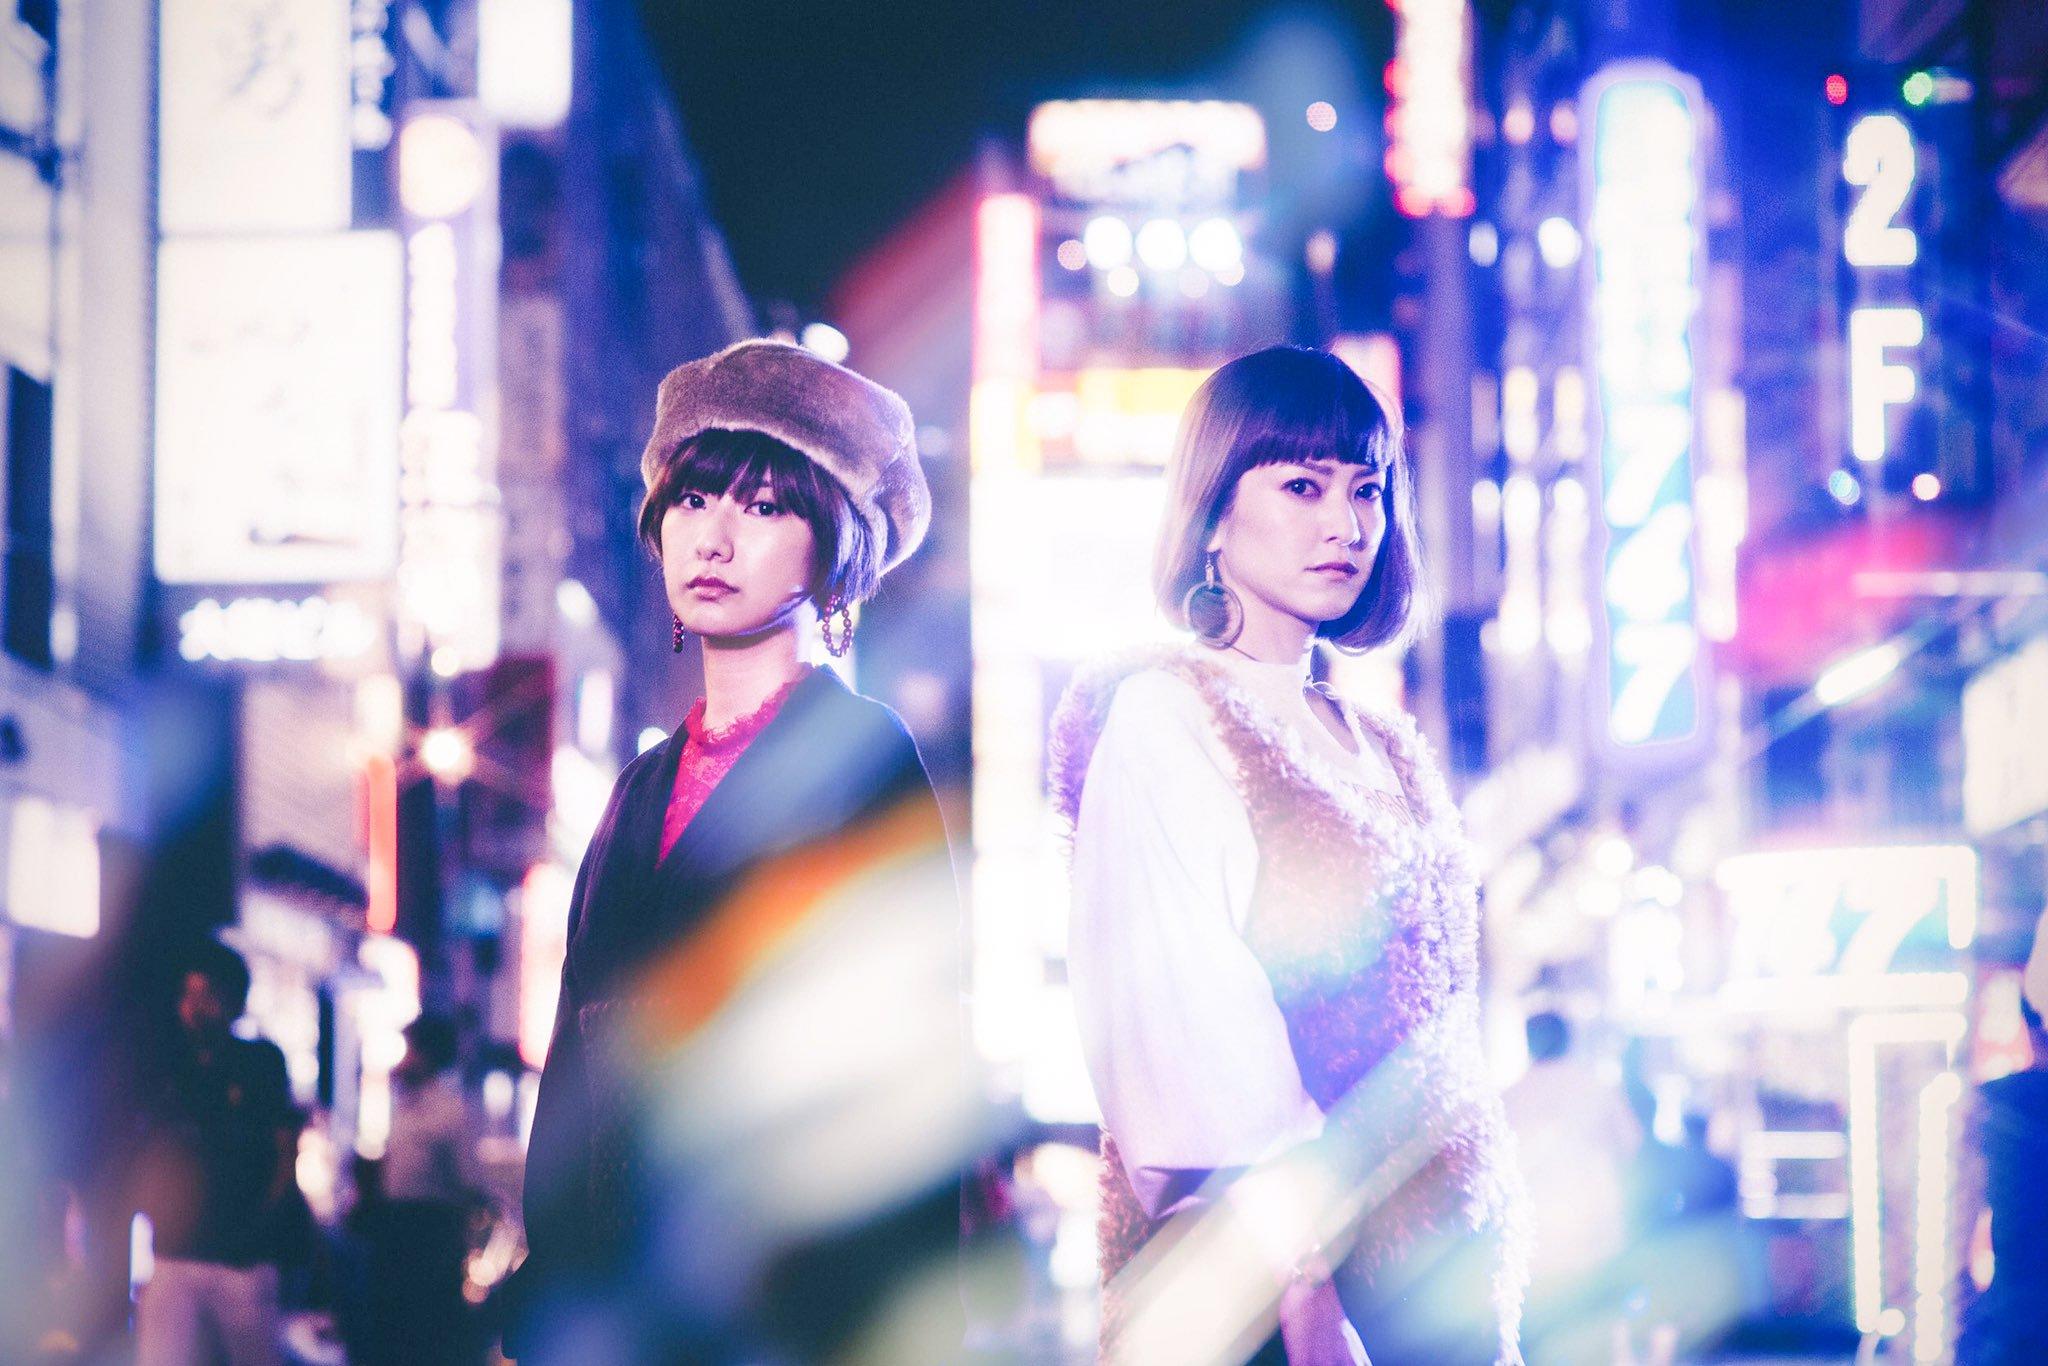 NekoPOP-Charisma-com-Charisma-Best-announce-artist1